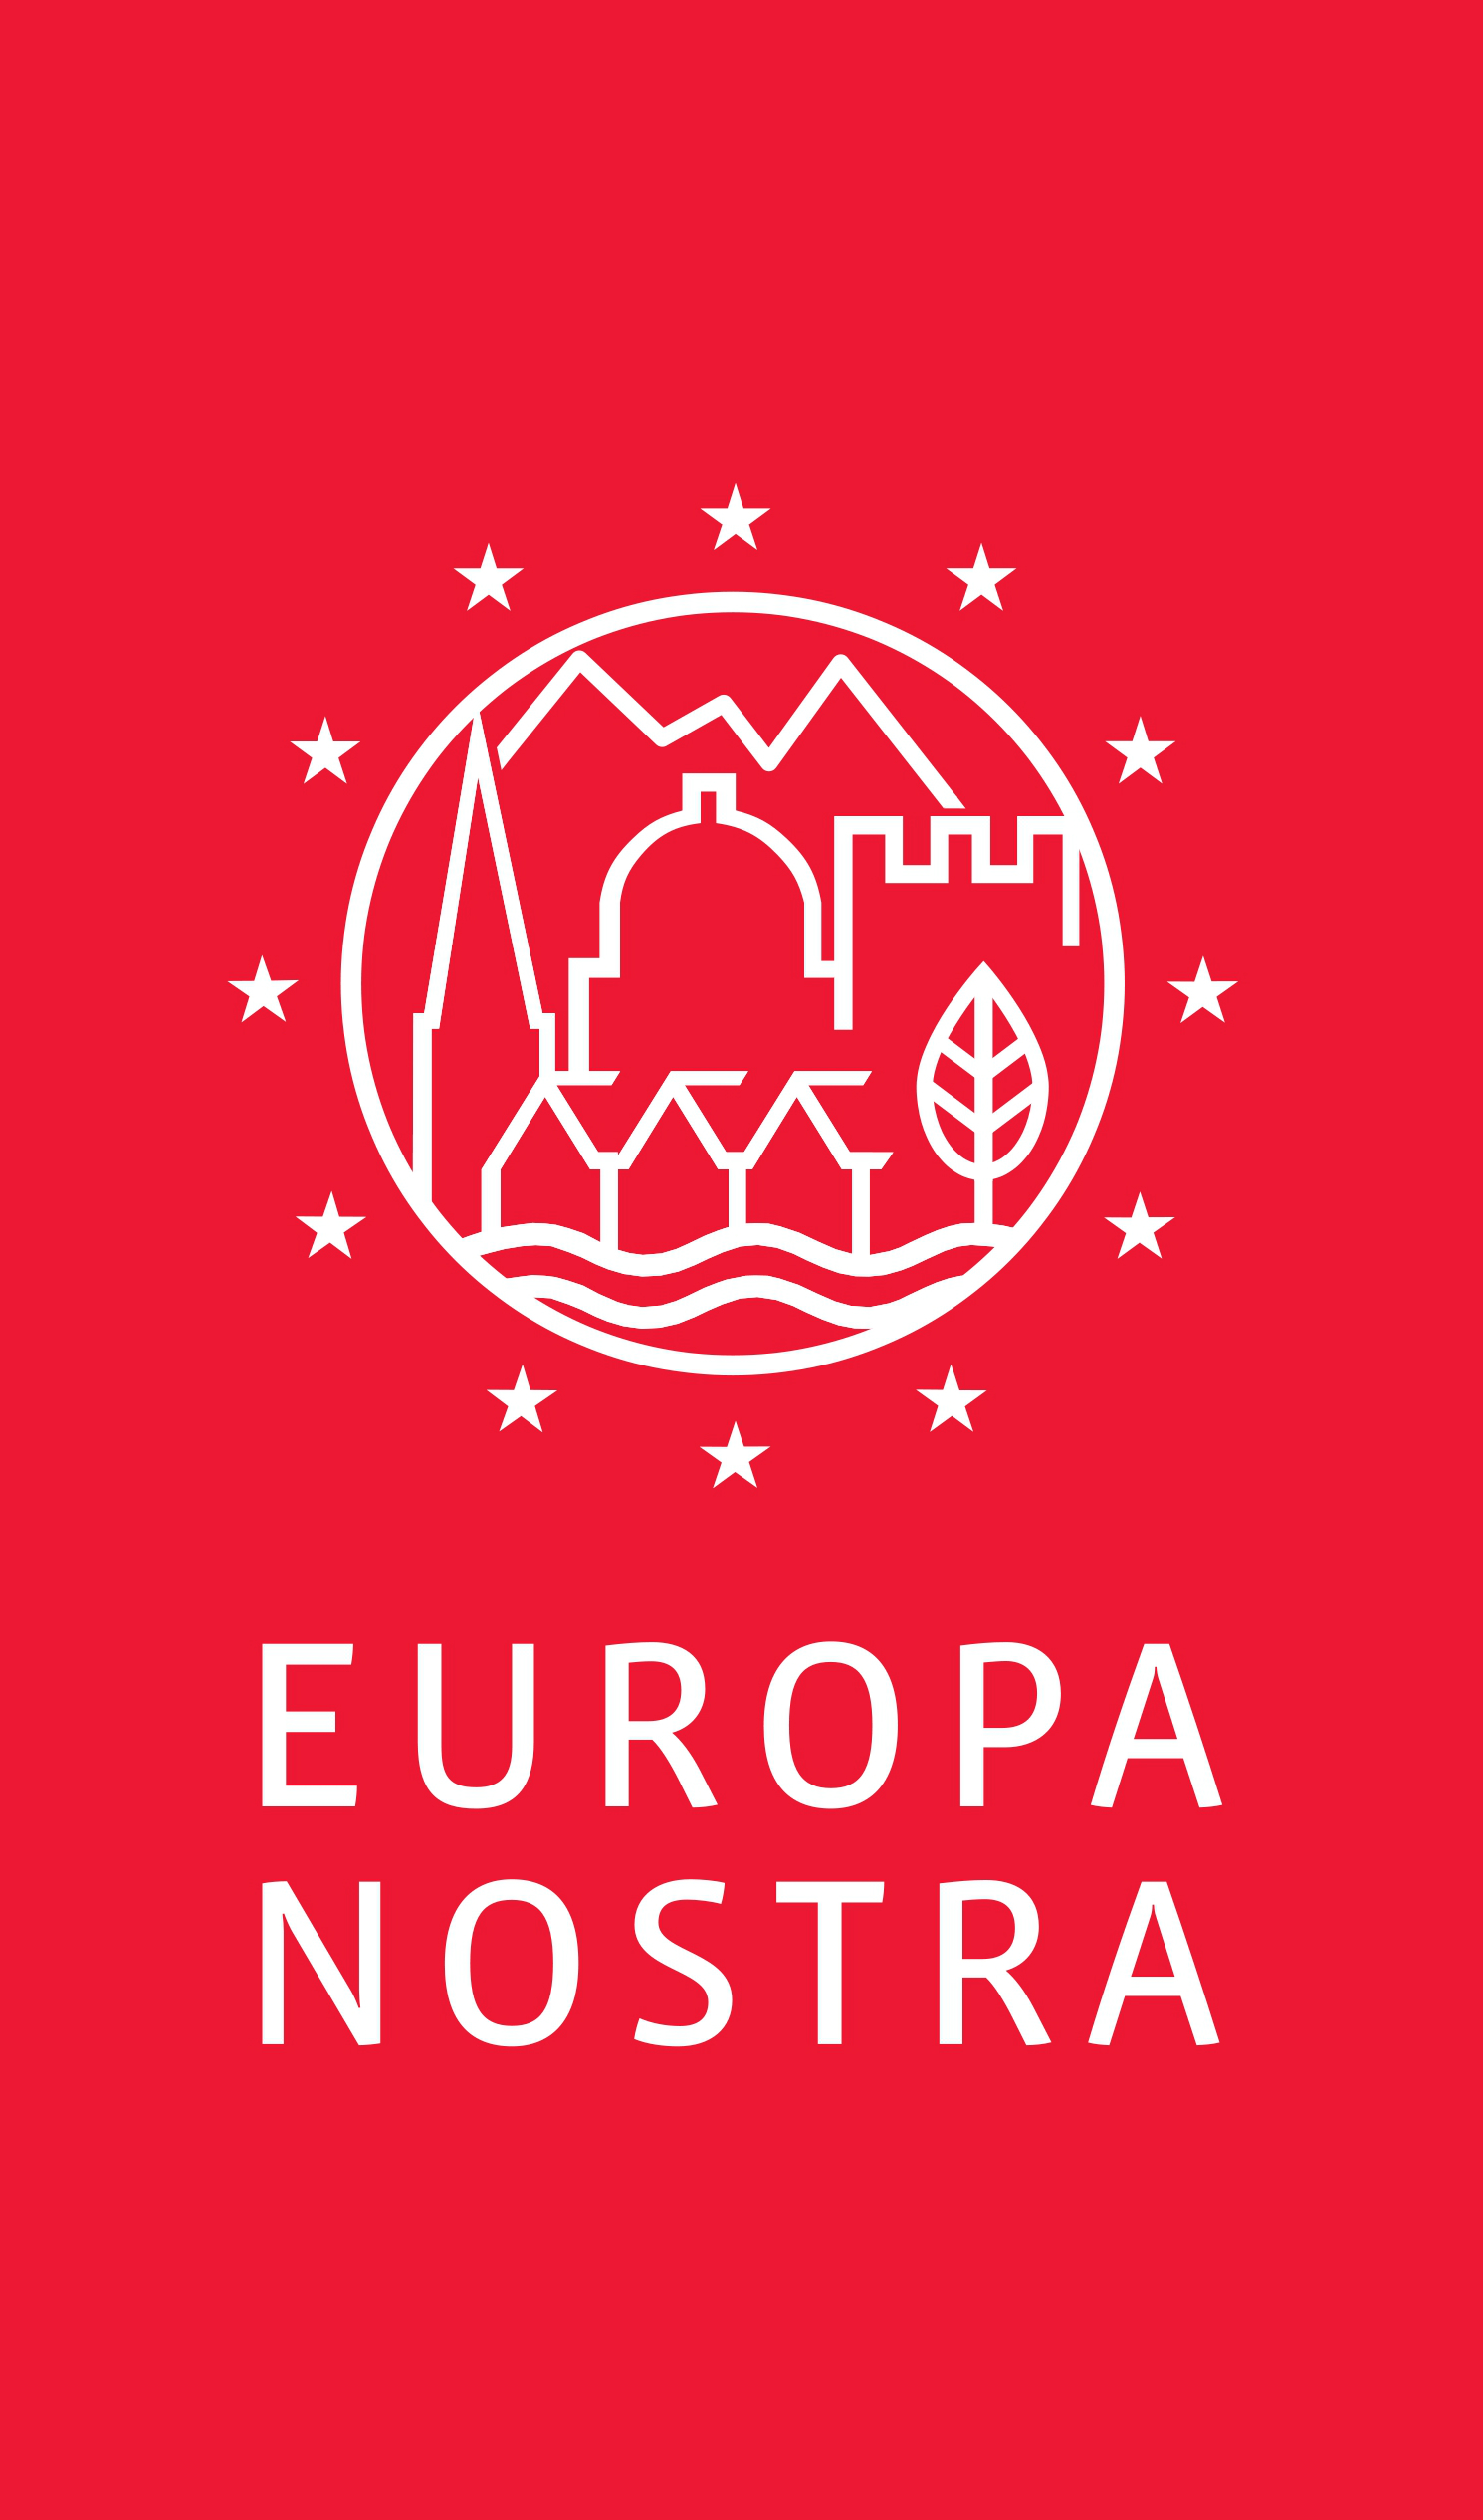 Logo Europa Nostra: czerwony pionowy prostokąt, na górze białe kontury: w koło wpisane ikony gór, dachów, drzewa i rzeki, dookoła koła 12 białych gwiazd z flagii Unii Europejskiej, pod spodem napis: Europa Nostra